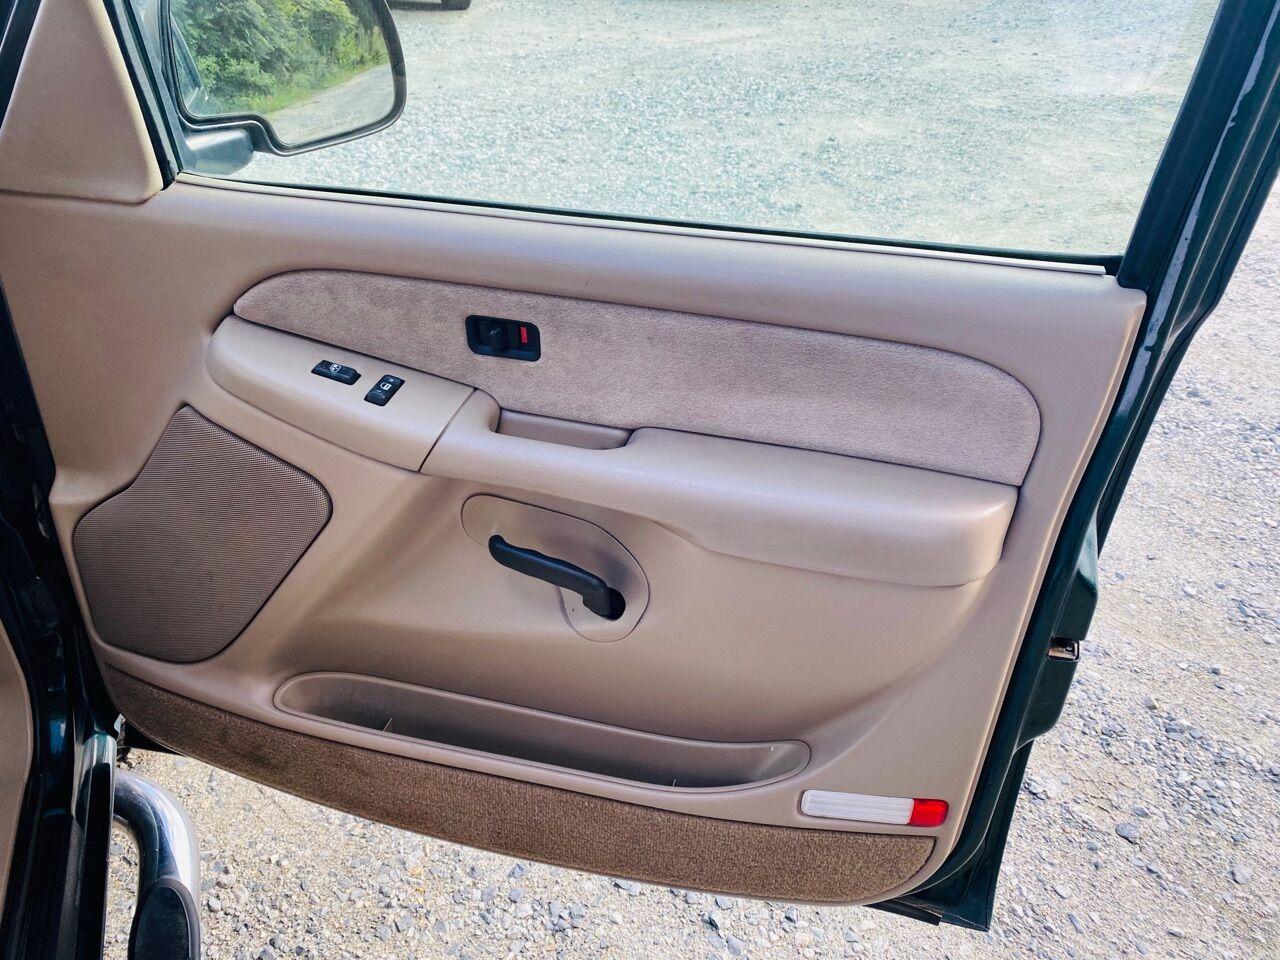 ChevroletSilverado 150019